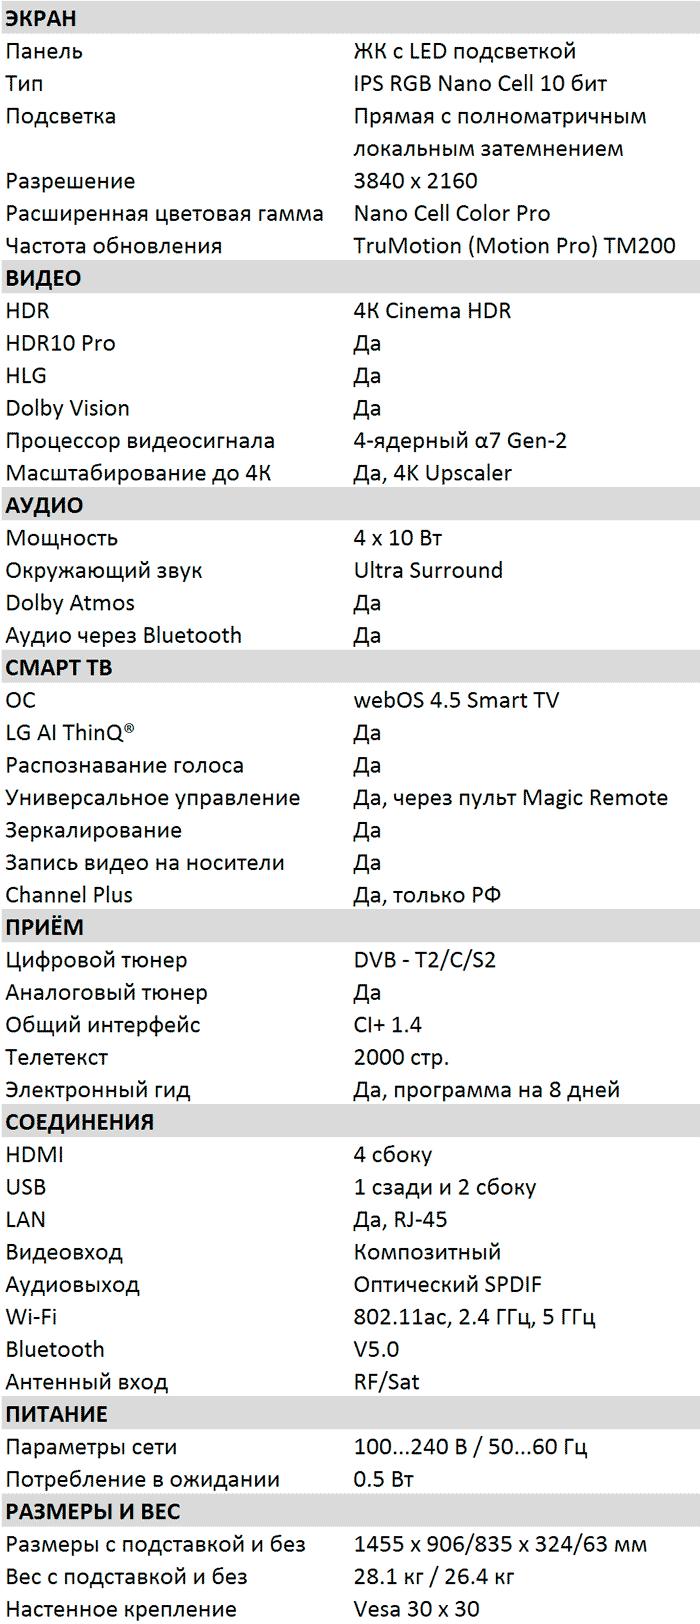 Характеристики SM9010